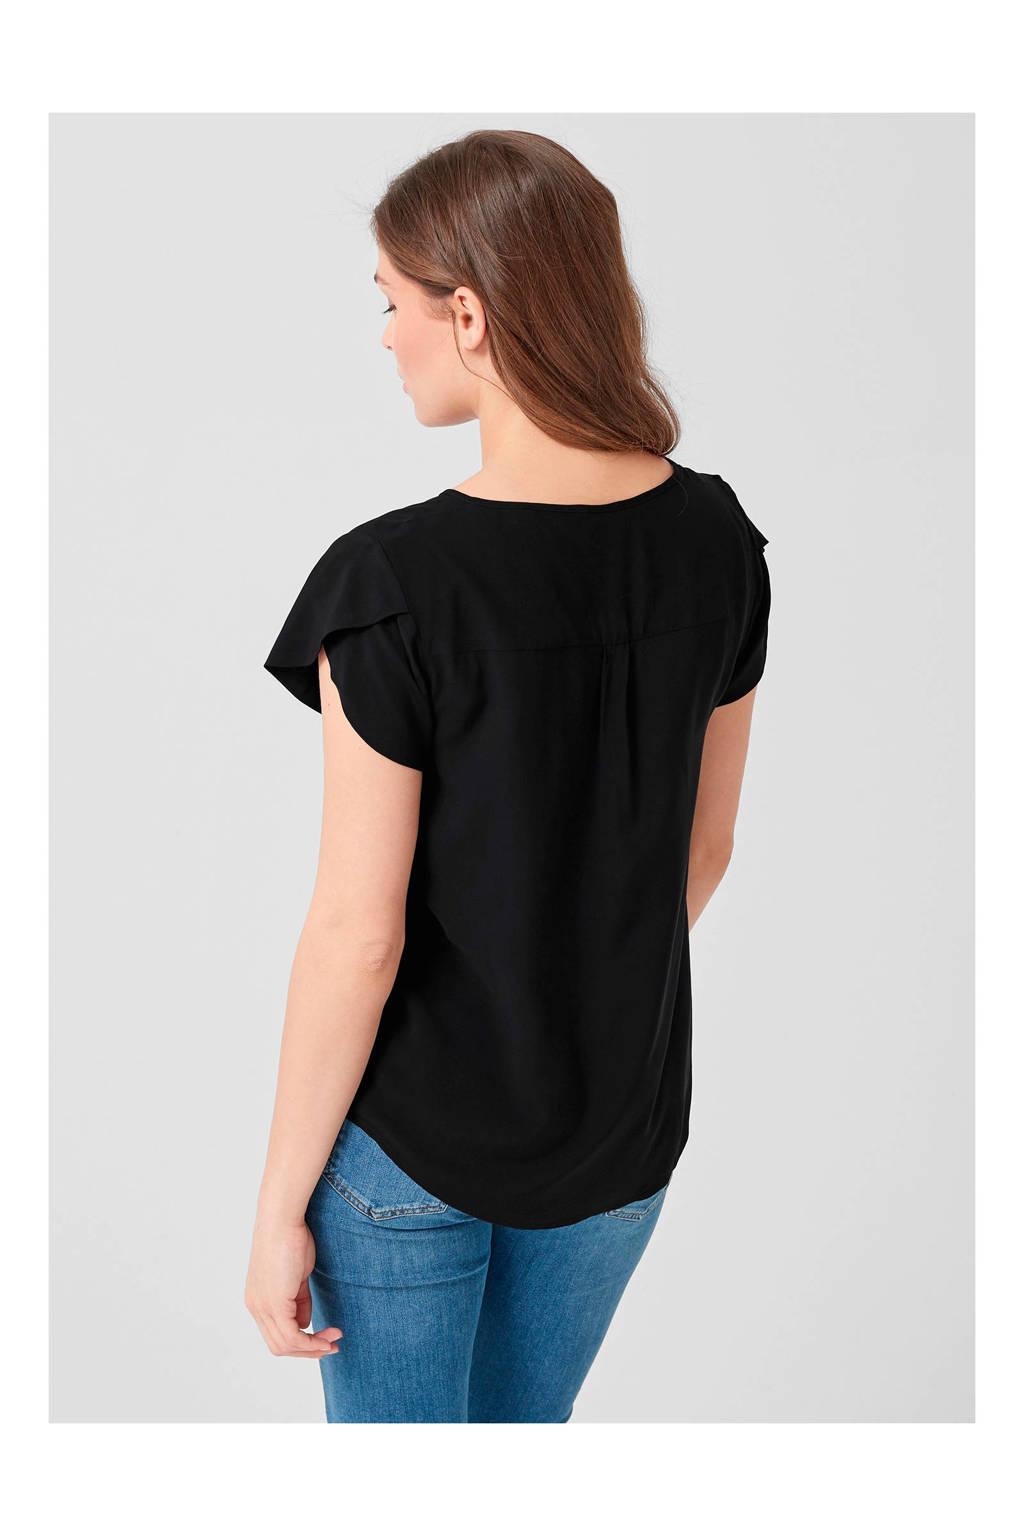 TRIANGLE top zwart, Zwart